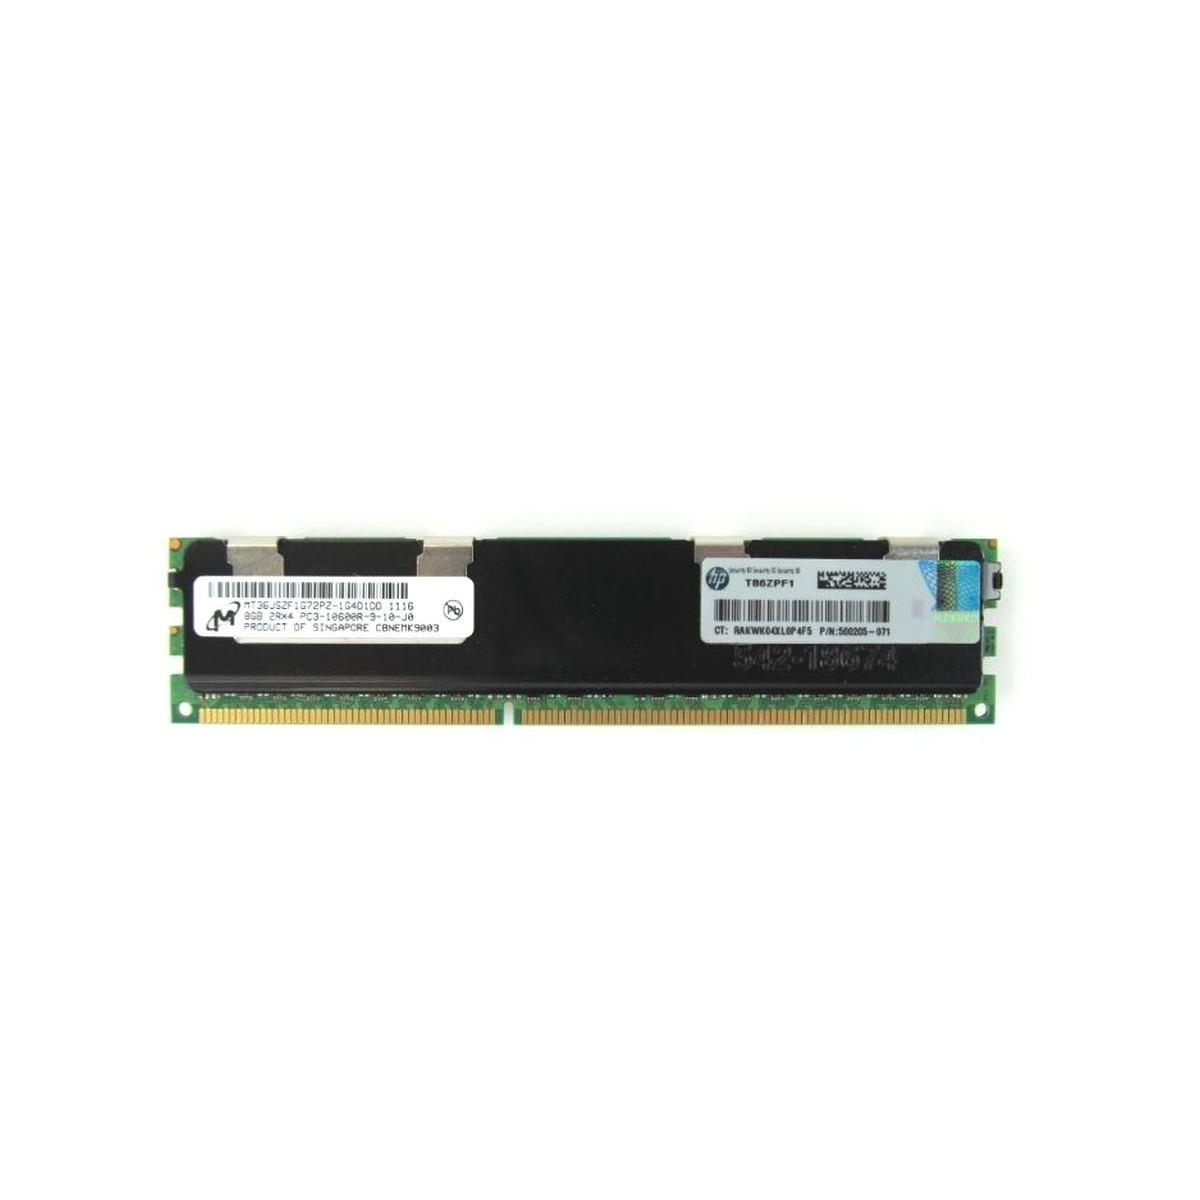 DYSK HP 72GB SAS 10K 3G 2,5 395924-002 375863-002